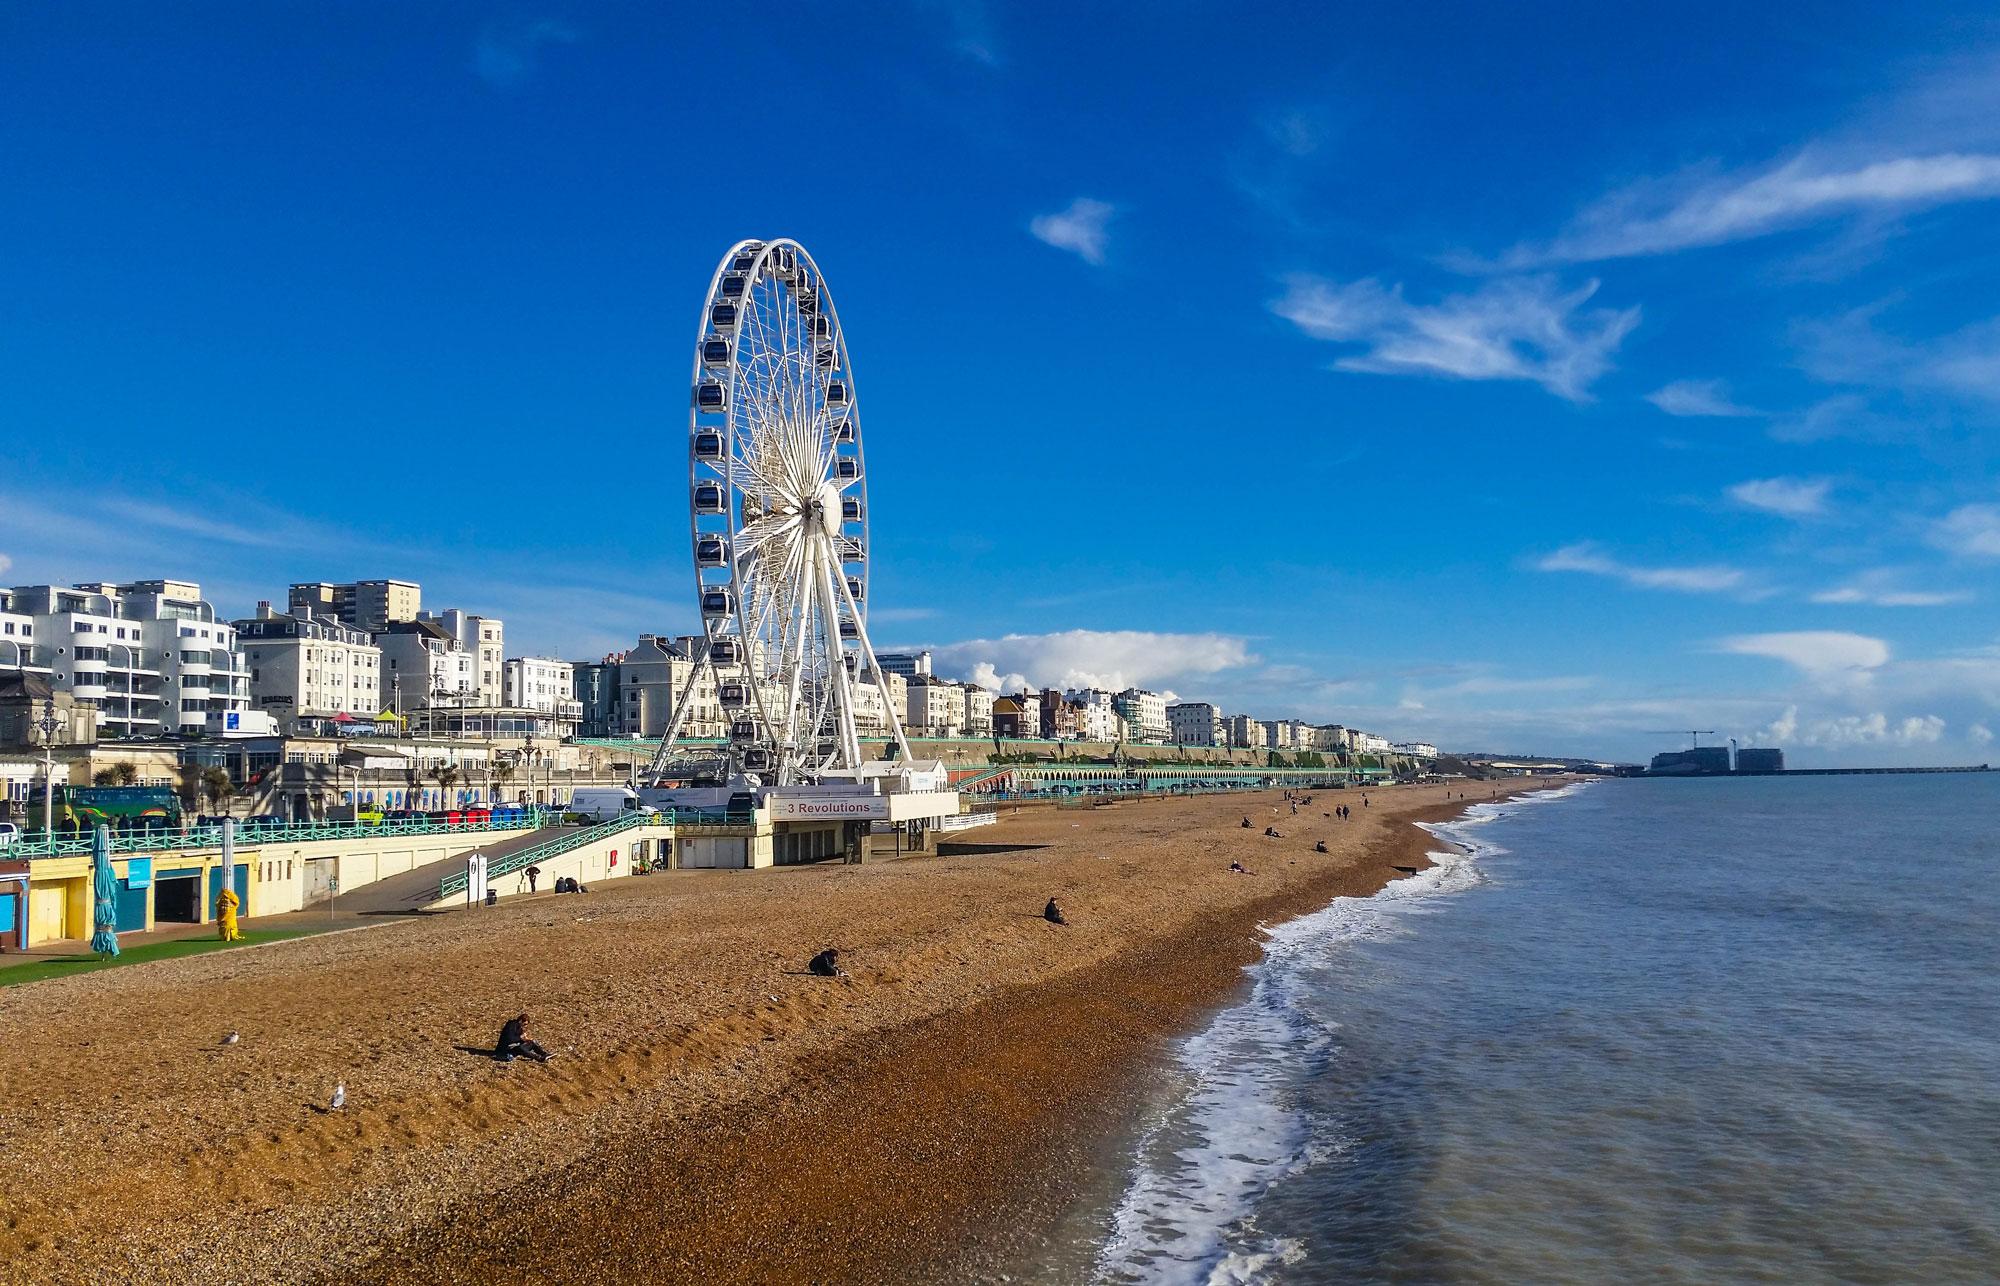 panoramic view of Brighton beachfront with ferris wheel.